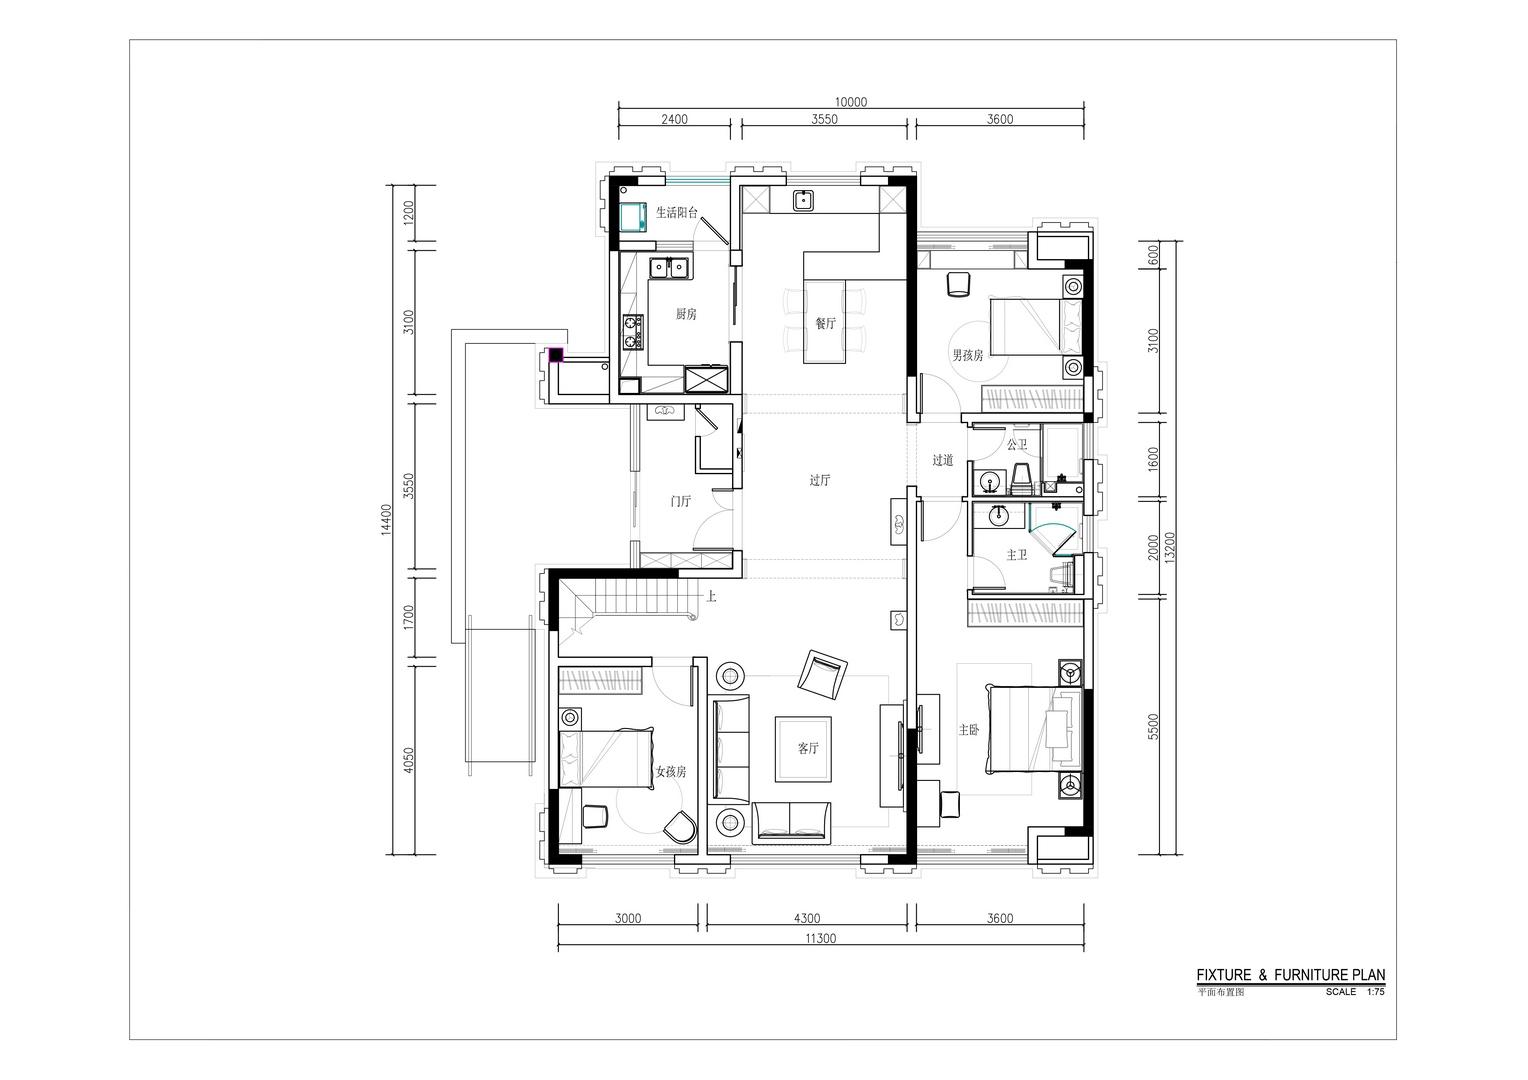 海埂-美式风格案例-260平米复式楼装修效果图装修设计理念